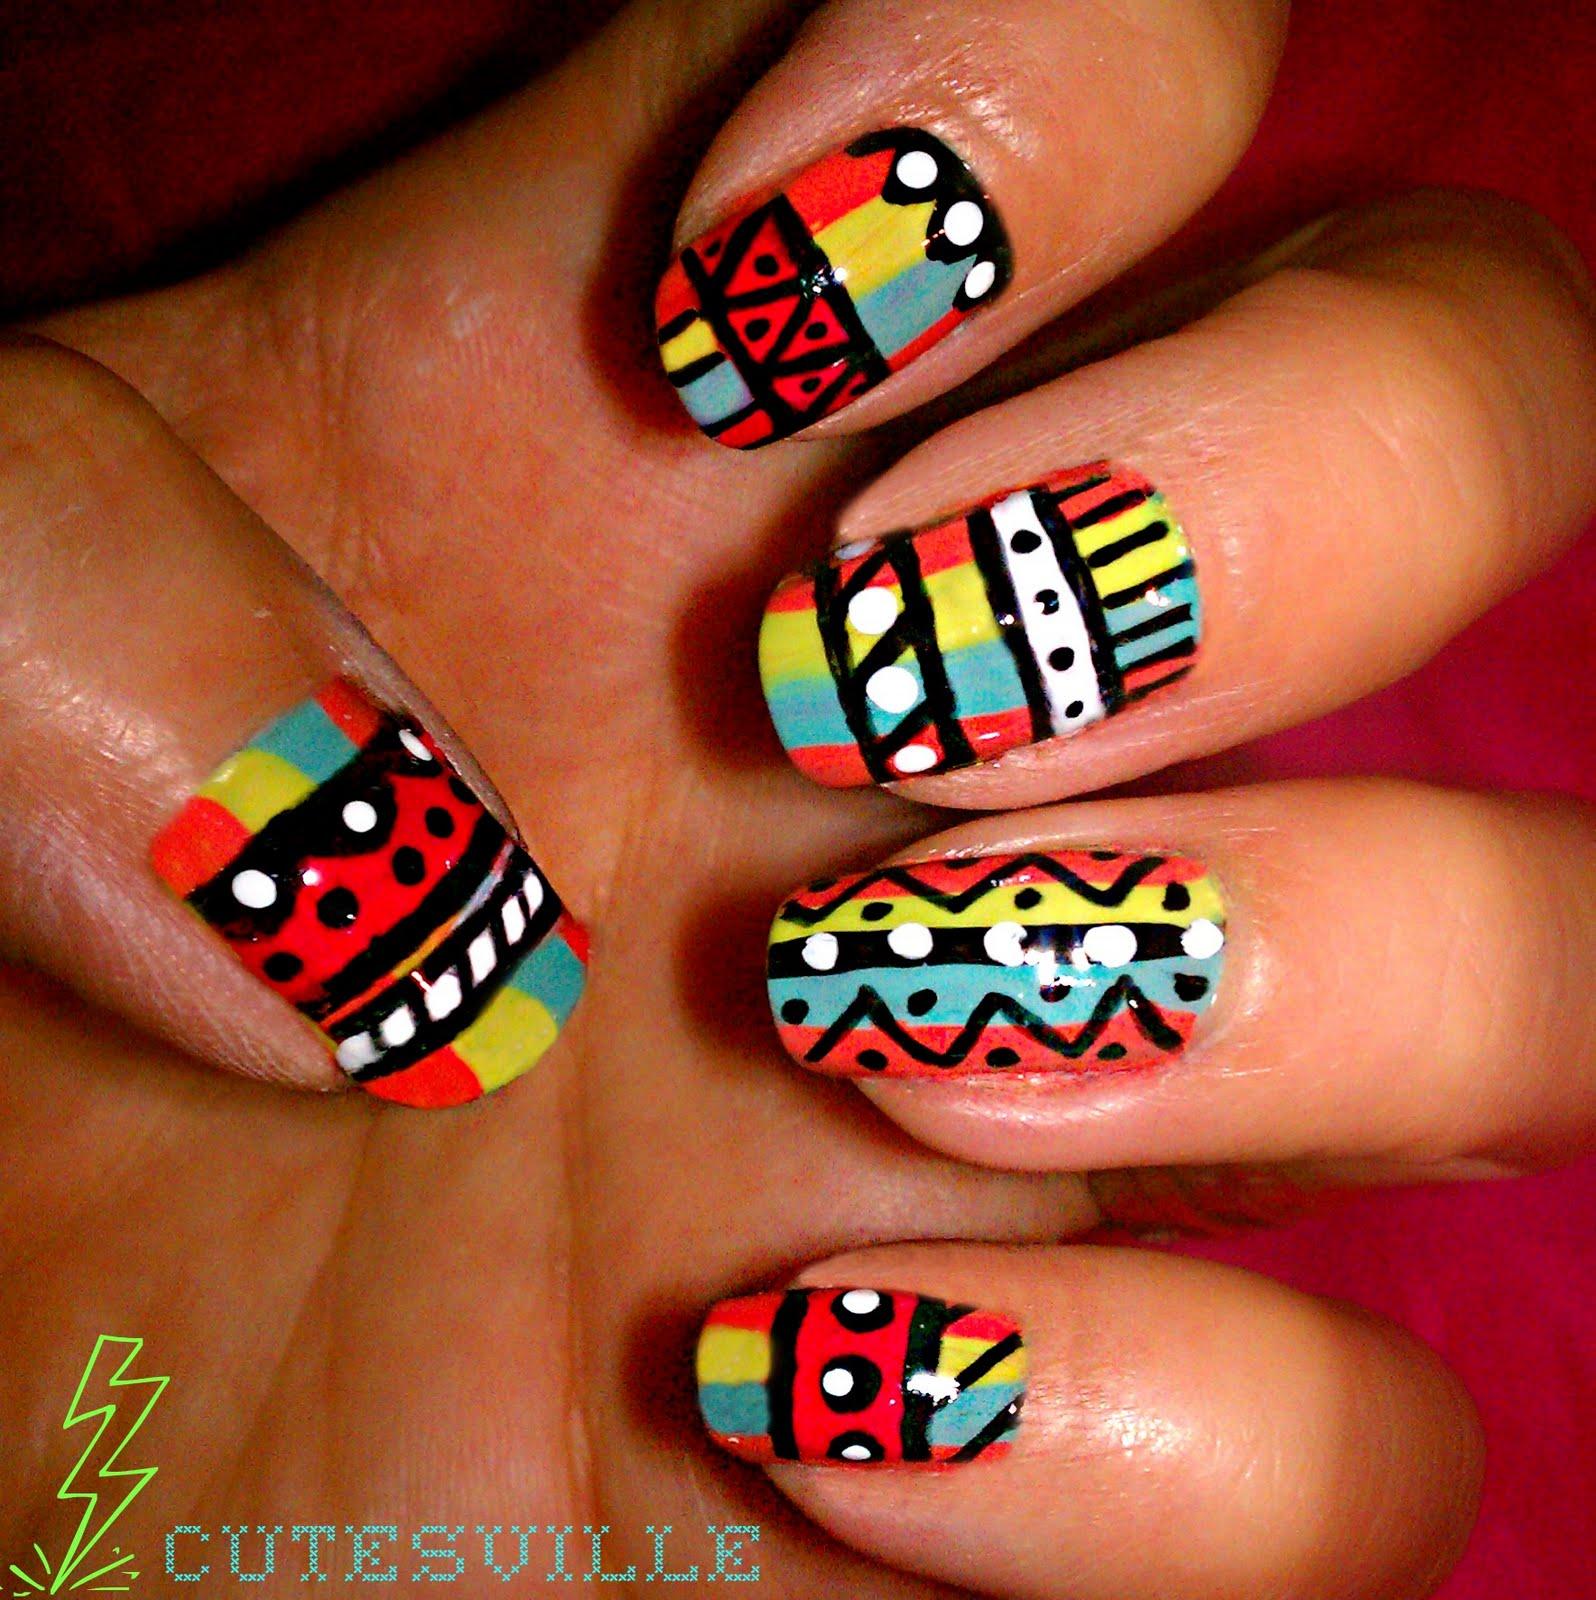 http://2.bp.blogspot.com/-X2t6XJsXiKk/TlMlzXEQPEI/AAAAAAAAAJ0/pZz3qJjrjuA/s1600/aztec.jpg